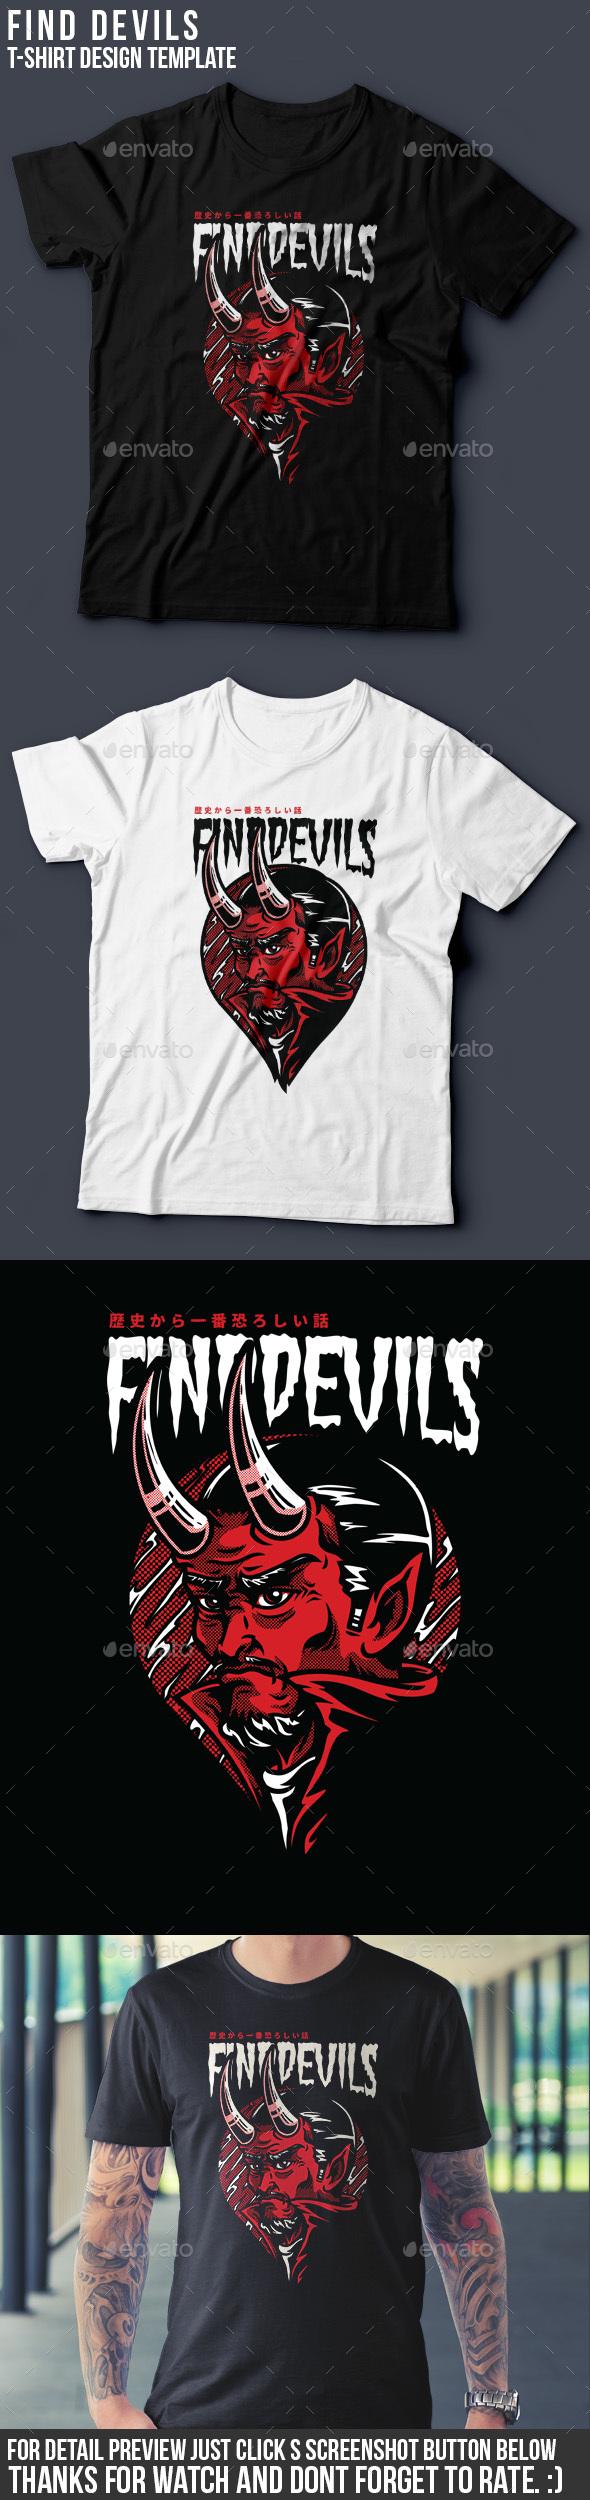 GraphicRiver Find Devils T-Shirt Design 20451670